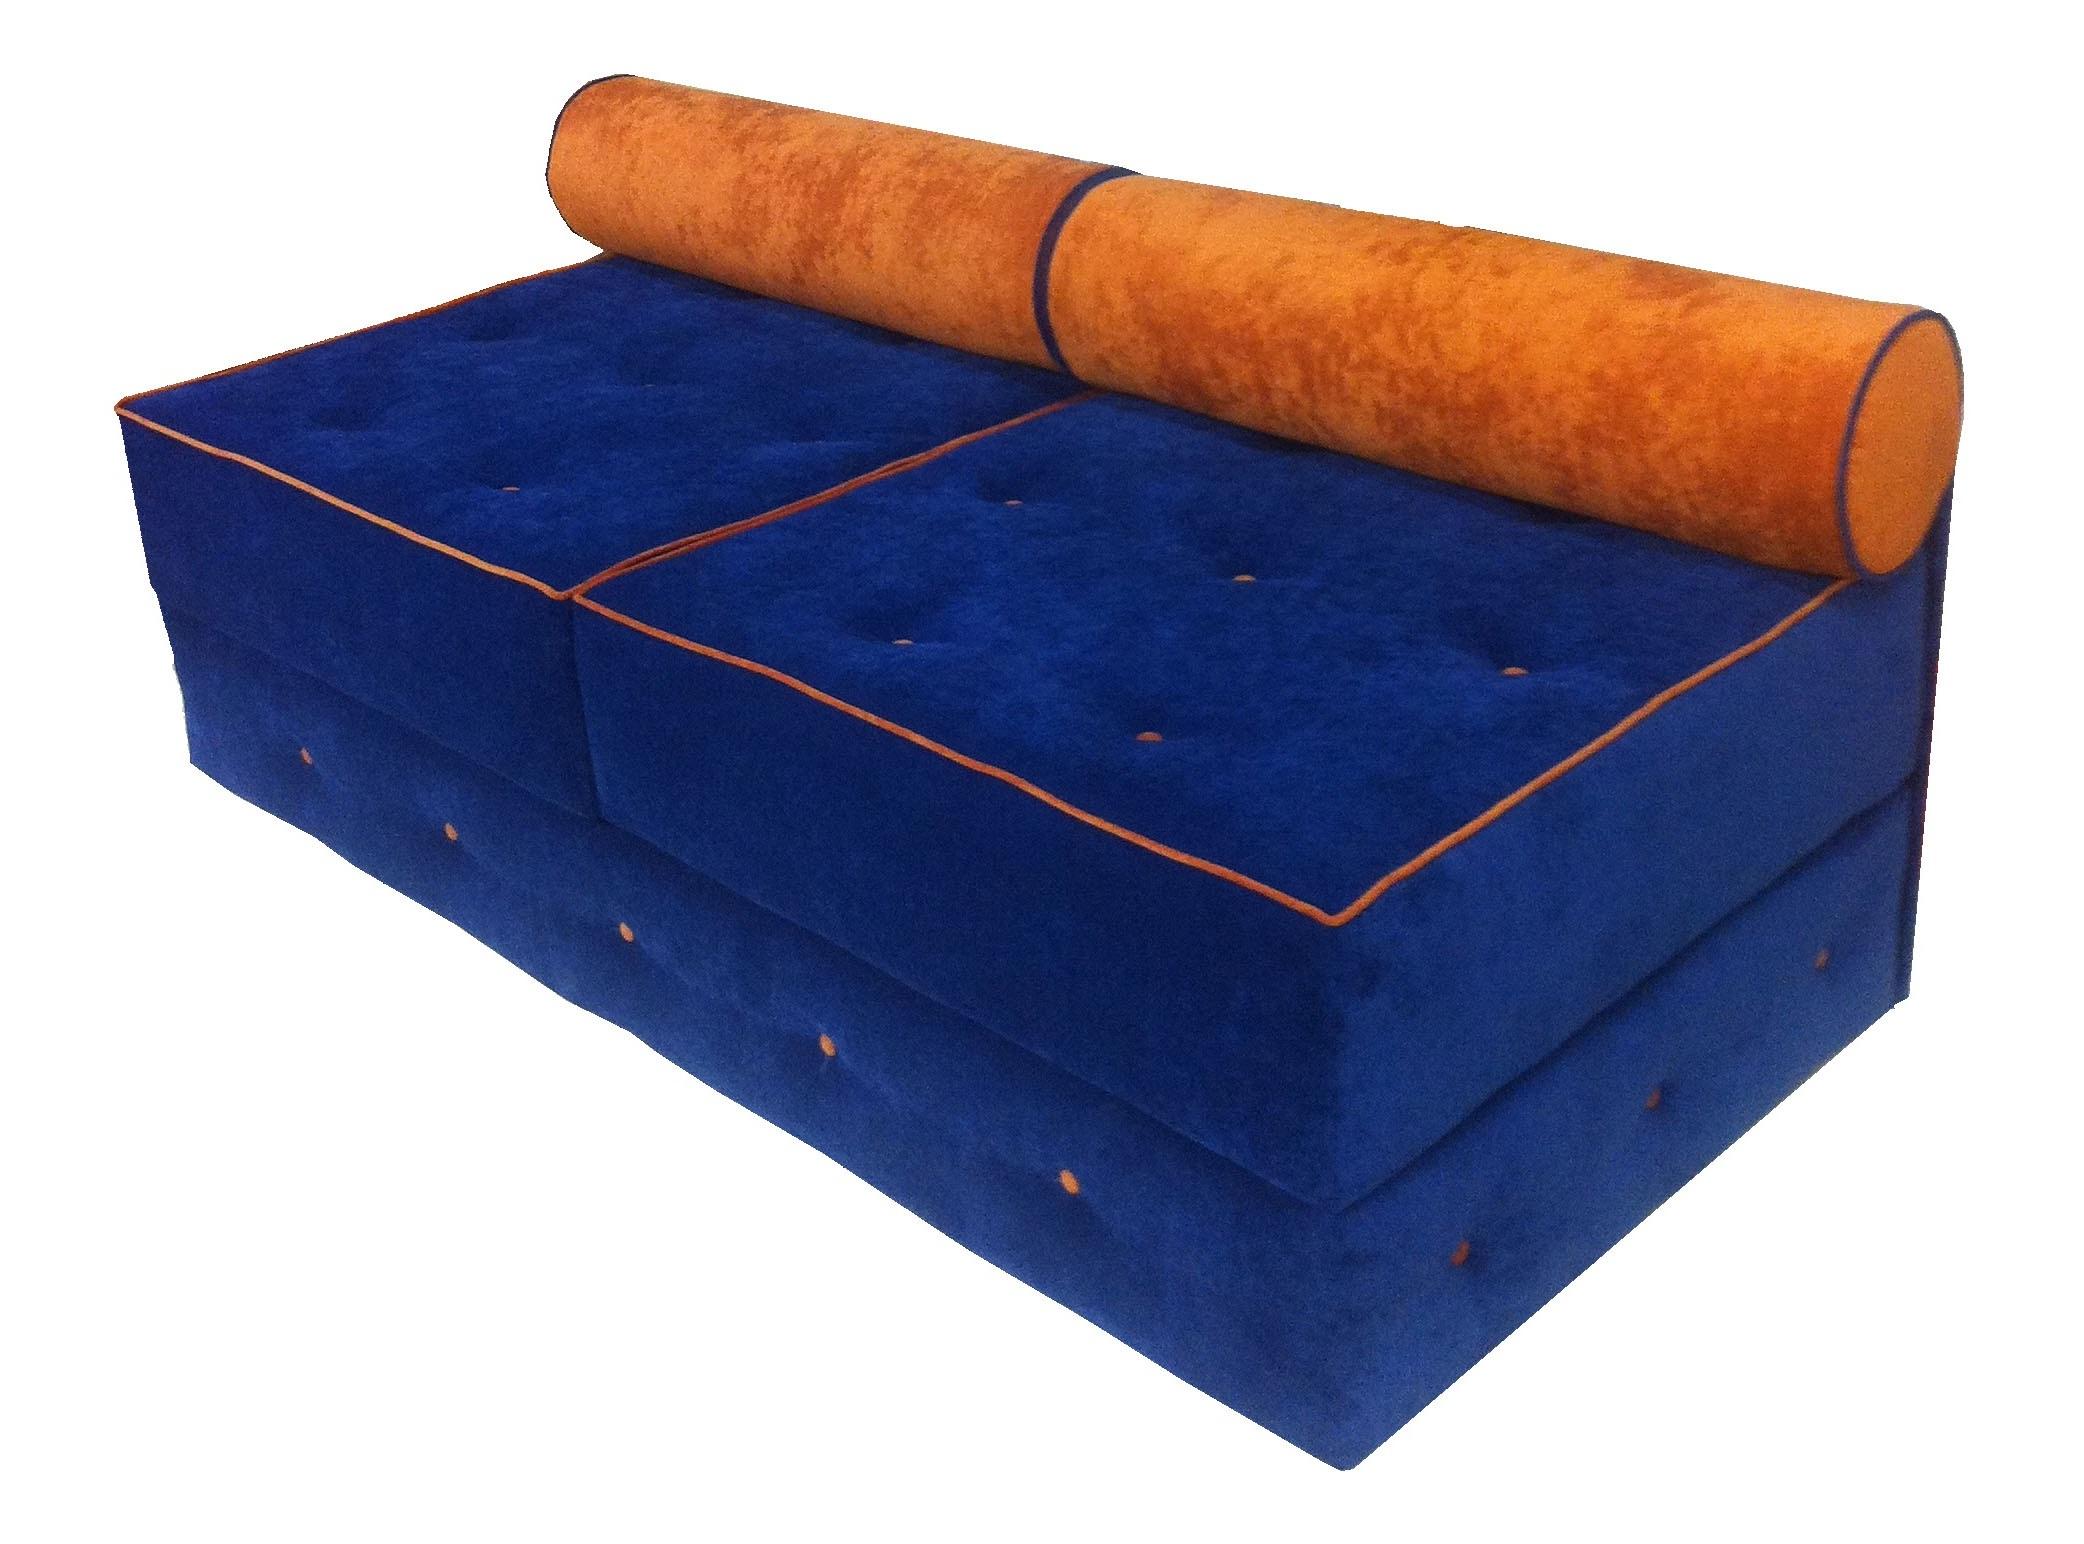 Кушетка МарракешОттоманки и кушетки<br>&amp;lt;div&amp;gt;Дерзкий, яркий, стильный! Этот раскладной диванчик -- реверанс Бруклину с его студенческими квартирами. Удобные выдвижные ящики для хранения, тонкая задняя спинка, наполнитель двух разных плотностей - &amp;quot;Марракеш&amp;quot; не по размеру функционален! Отлично подойдет для комнаты подростка или даже на кухню. Можно заказать в любой ткани и любых расцветок.&amp;lt;/div&amp;gt;&amp;lt;div&amp;gt;&amp;lt;br&amp;gt;&amp;lt;/div&amp;gt;&amp;lt;div&amp;gt;Материал: каркаса брус, фанера, ДСП.&amp;lt;/div&amp;gt;&amp;lt;div&amp;gt;Габариты спального места 90х190 см.&amp;amp;nbsp;&amp;lt;/div&amp;gt;&amp;lt;div&amp;gt;&amp;lt;br&amp;gt;&amp;lt;/div&amp;gt;&amp;lt;div&amp;gt;Изделие можно заказать в любой ткани, стоимость и срок изготовления уточняйте у менеджера.&amp;lt;/div&amp;gt;<br><br>Material: Велюр<br>Width см: 190<br>Depth см: 90<br>Height см: 67